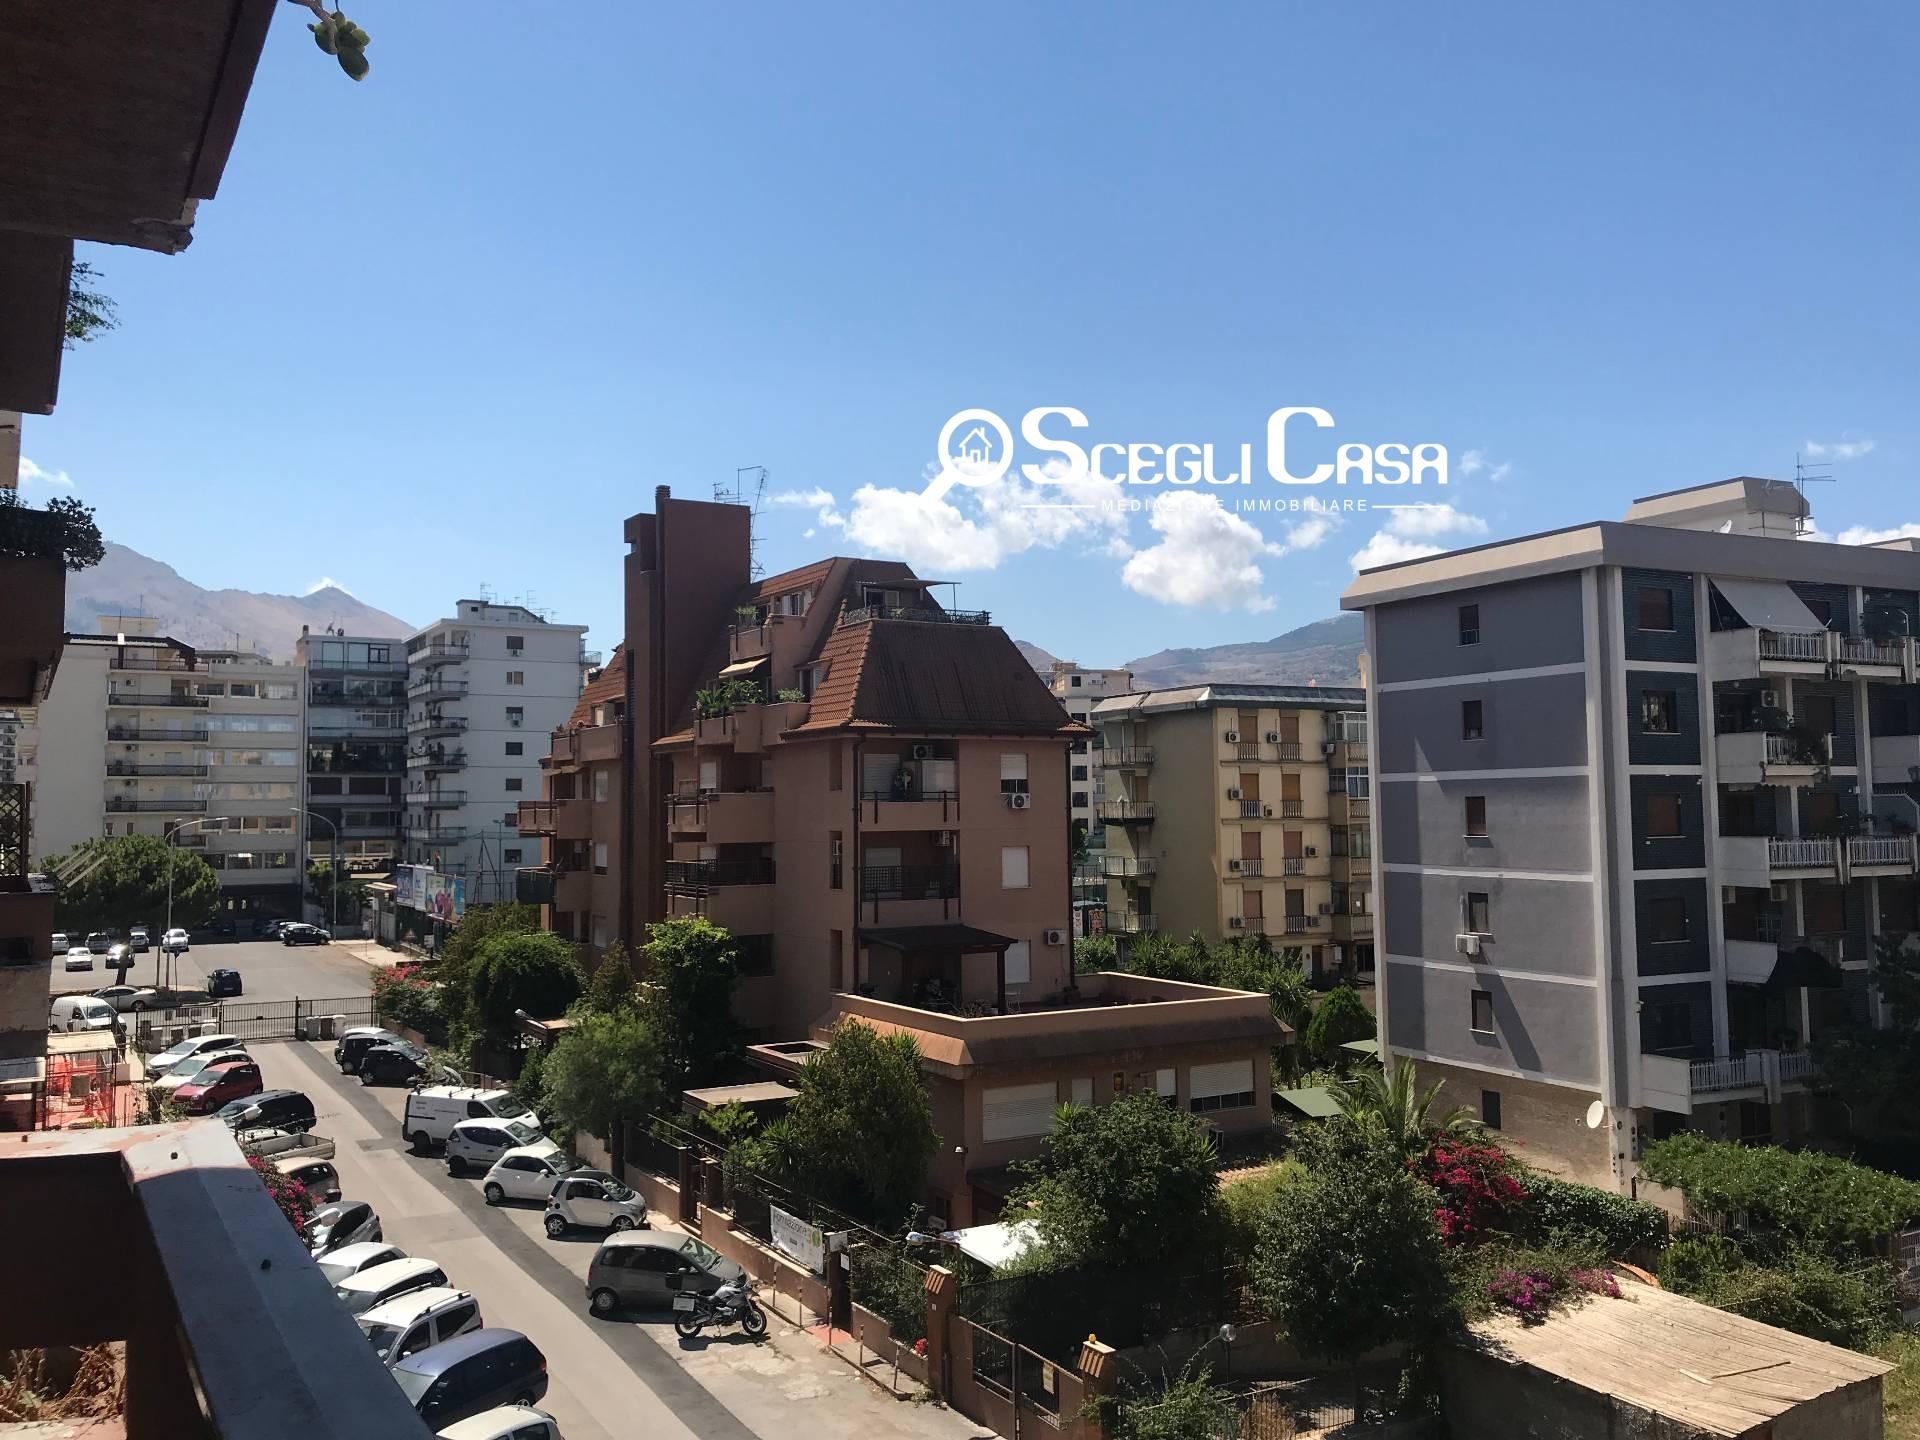 vendita appartamento palermo galilei  350000 euro  6 locali  190 mq